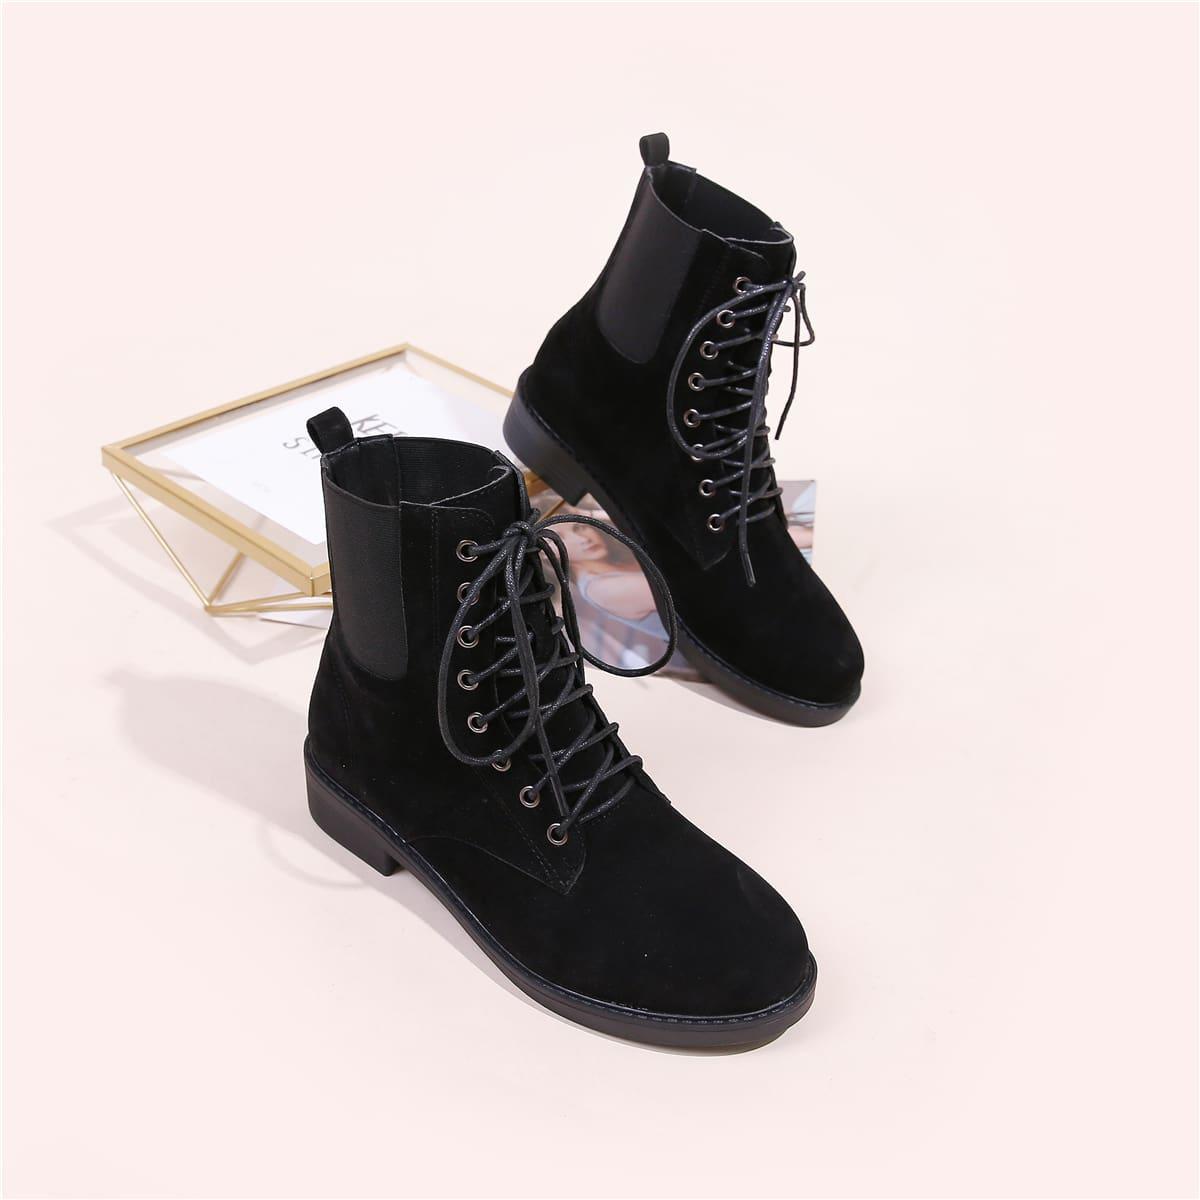 SHEIN / Minimalistische Chelsea Stiefel mit Band vorn